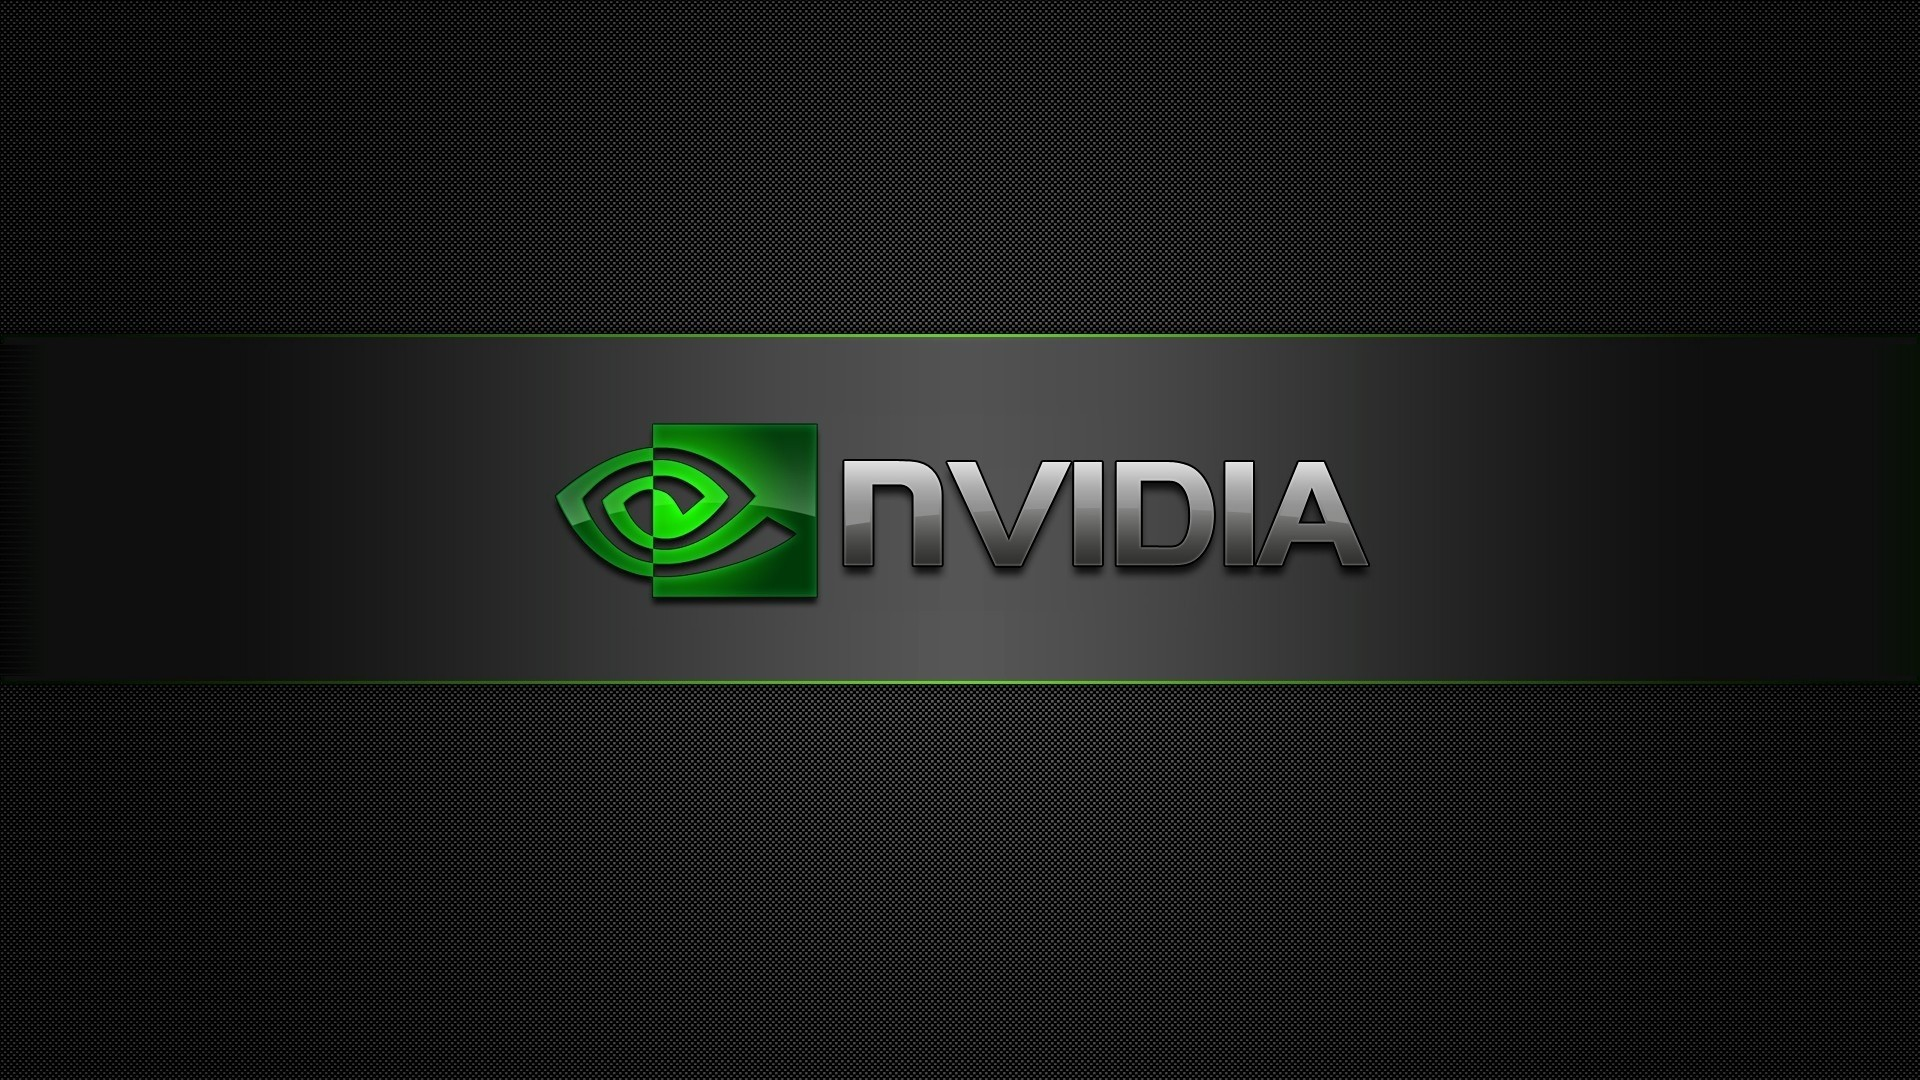 Nvidia Brand Logo